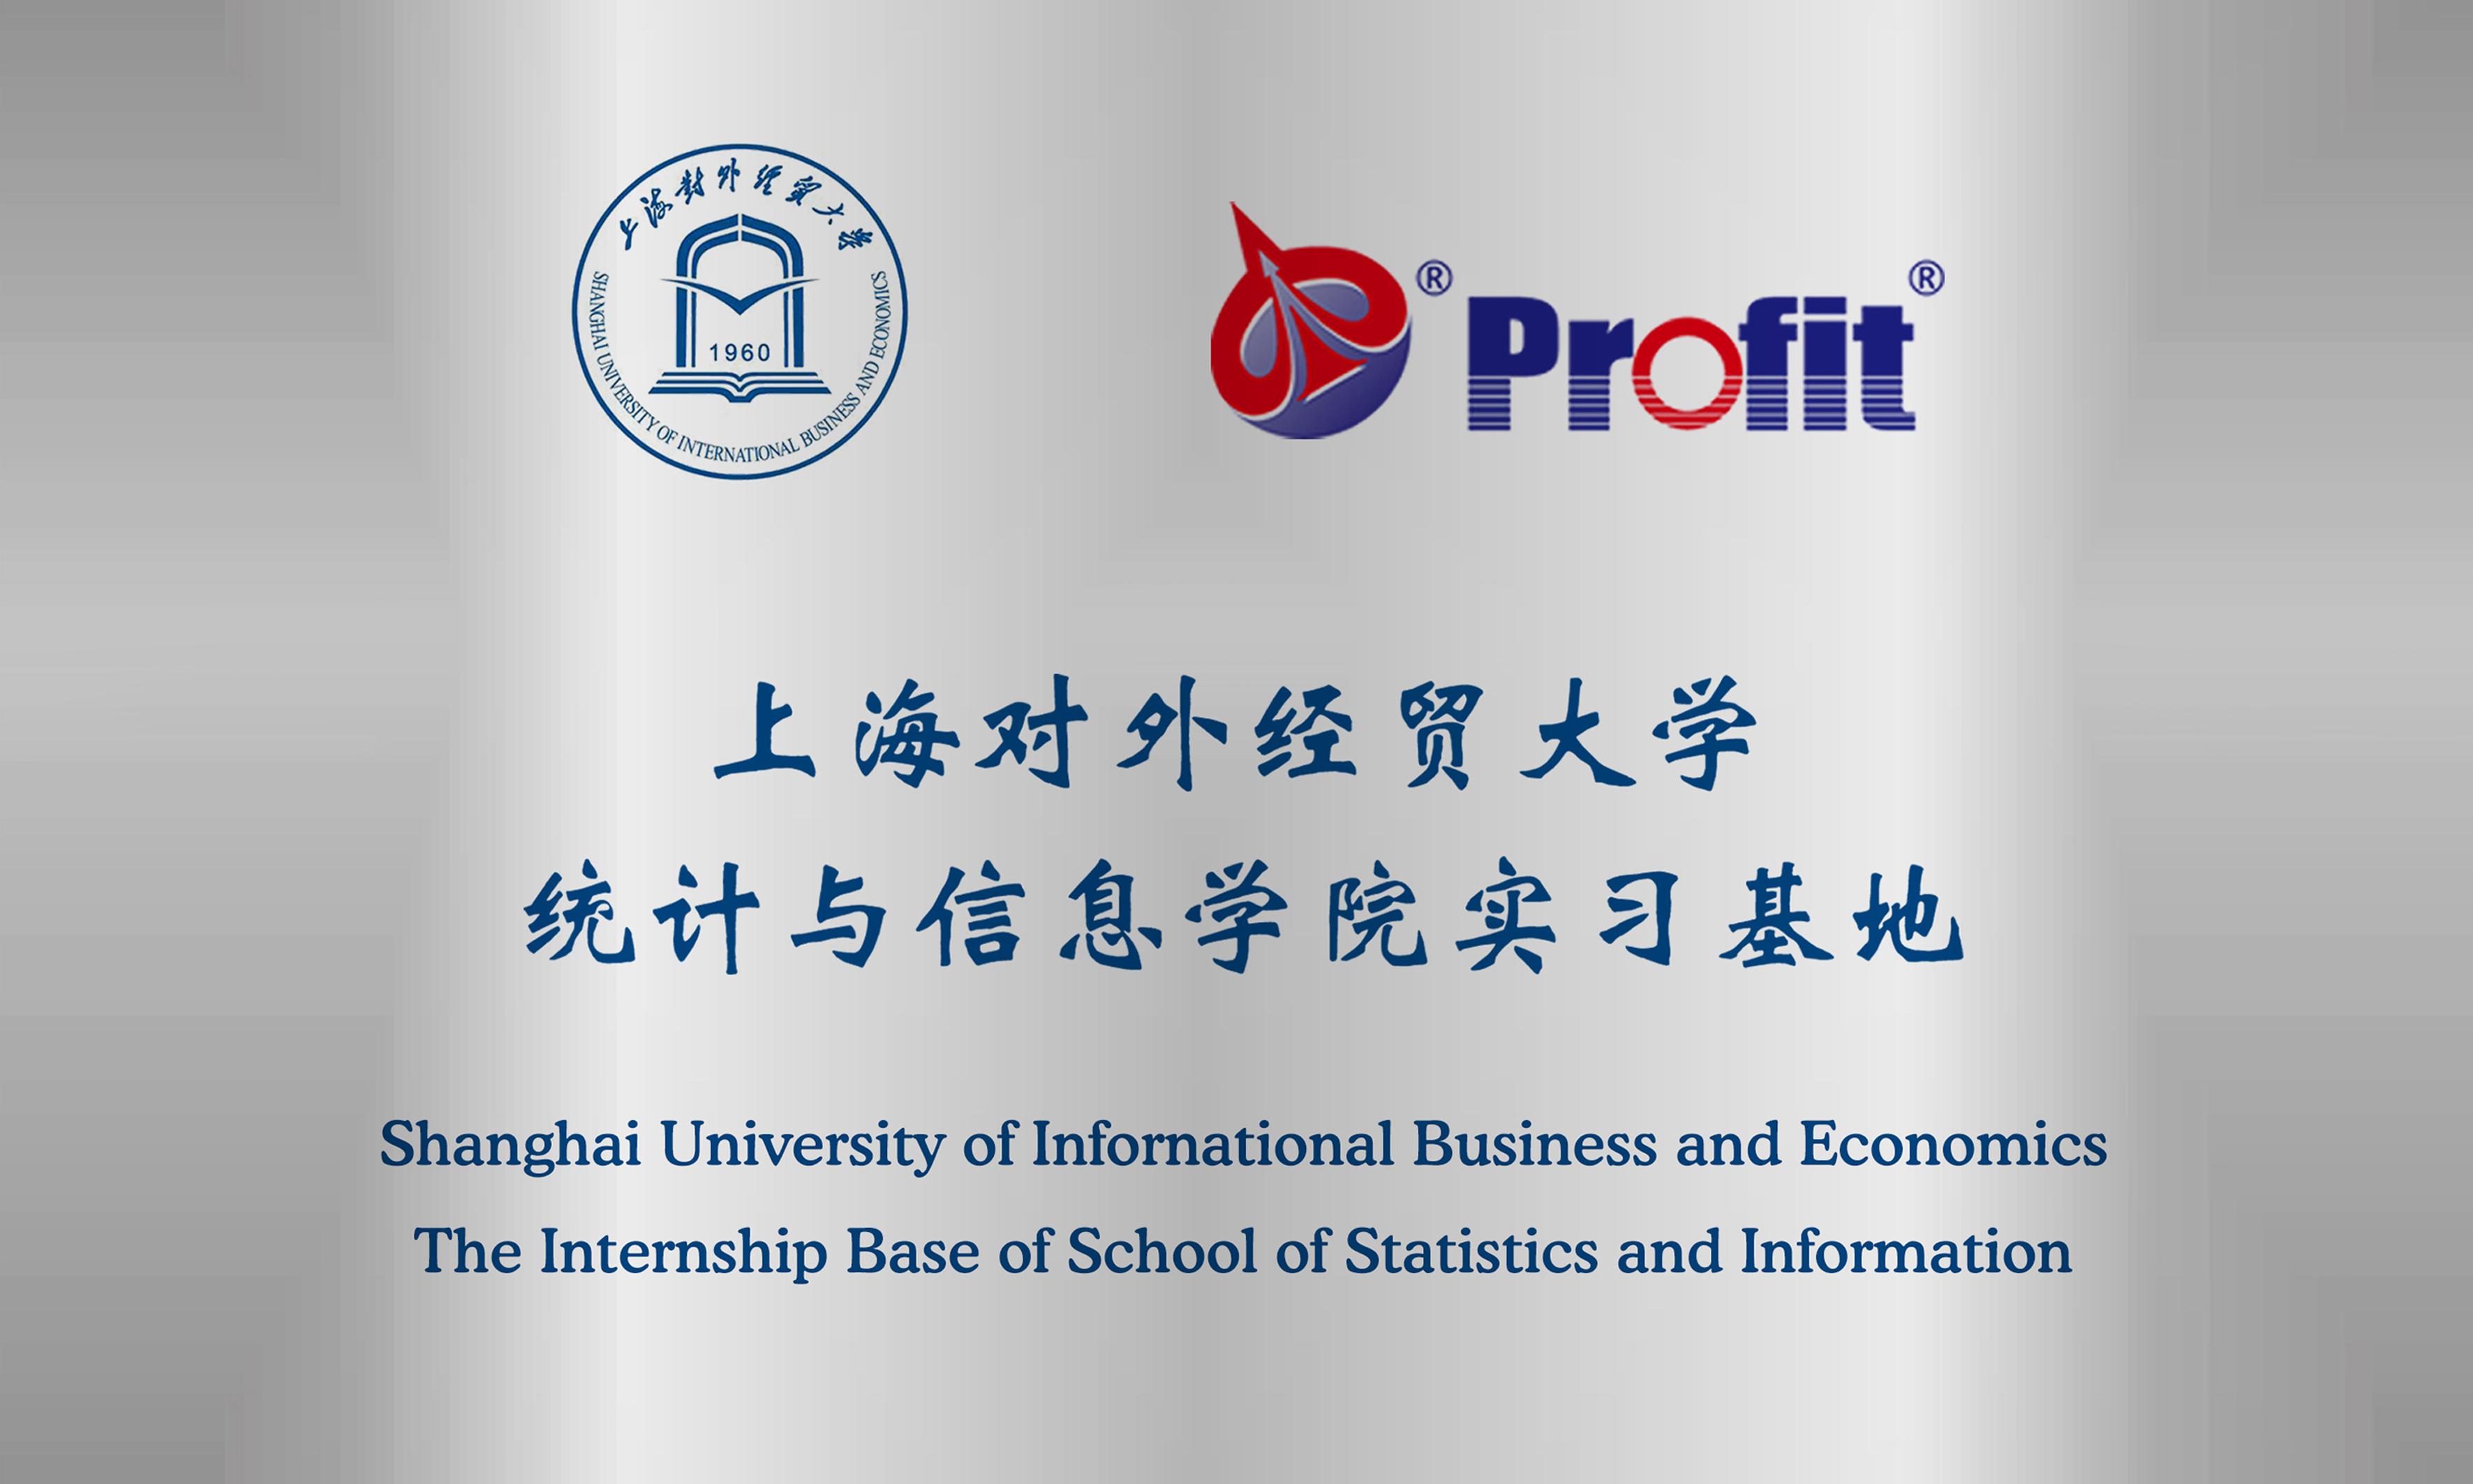 上海對外經貿大學實習基地